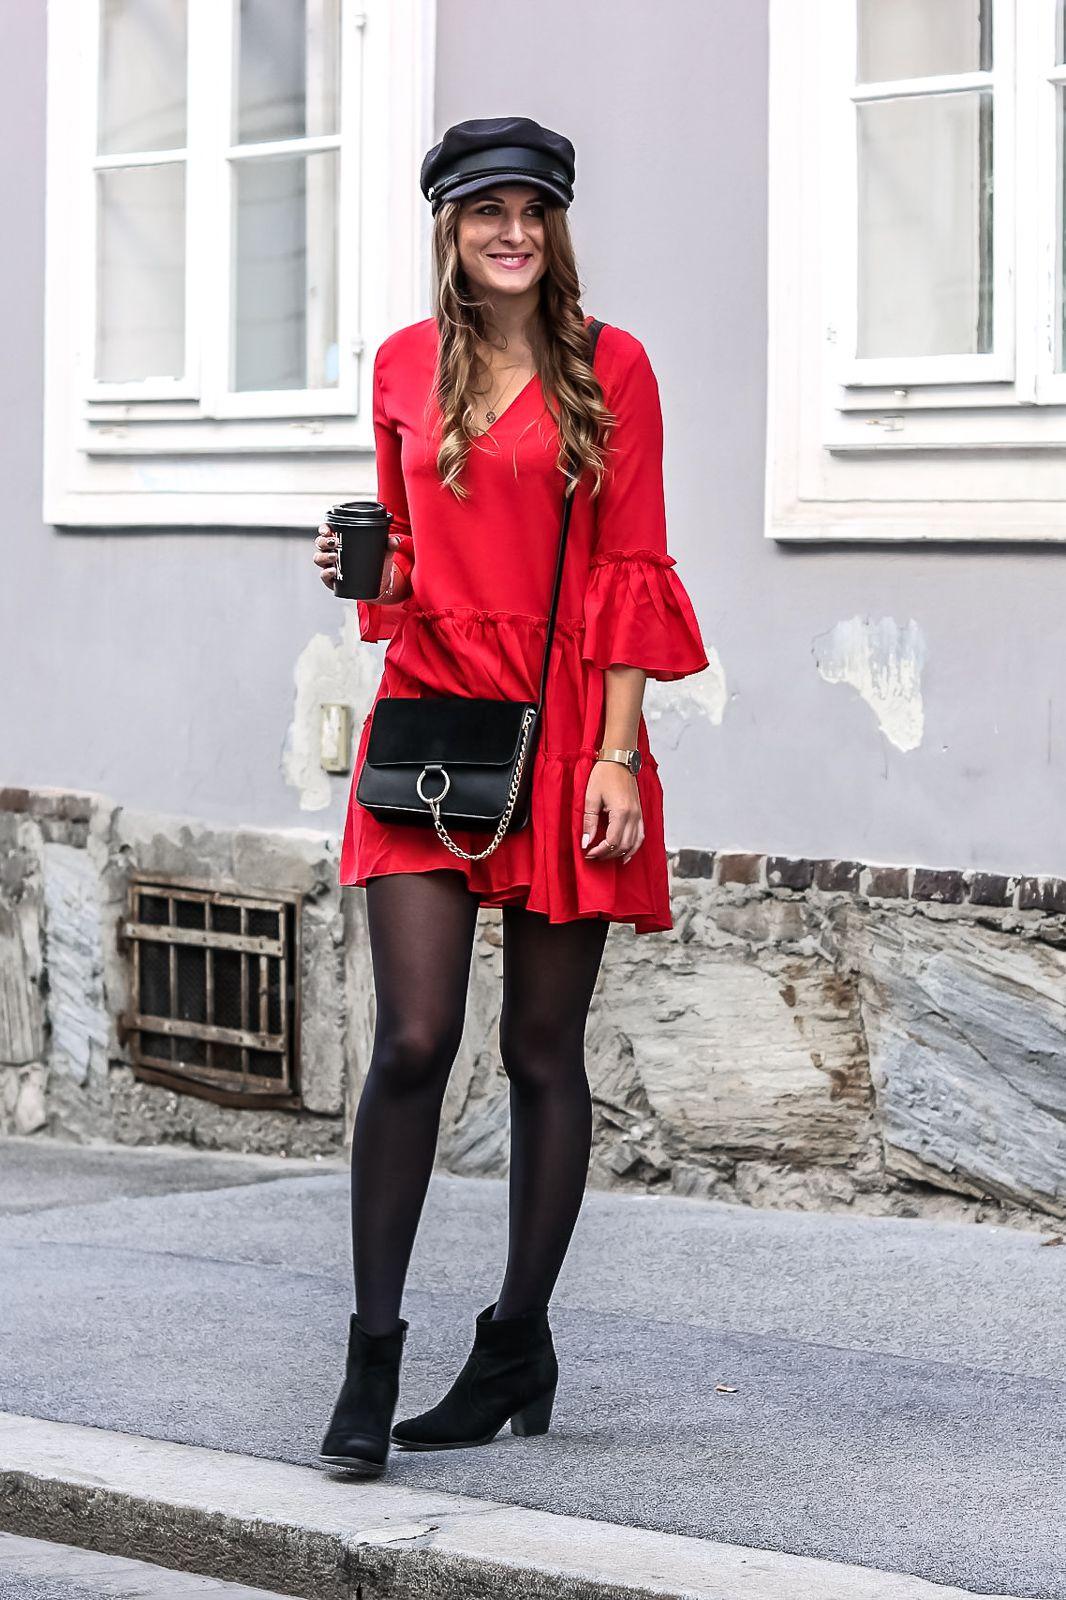 rotes kleid kombinieren - so gelingt dir ein stylischer look